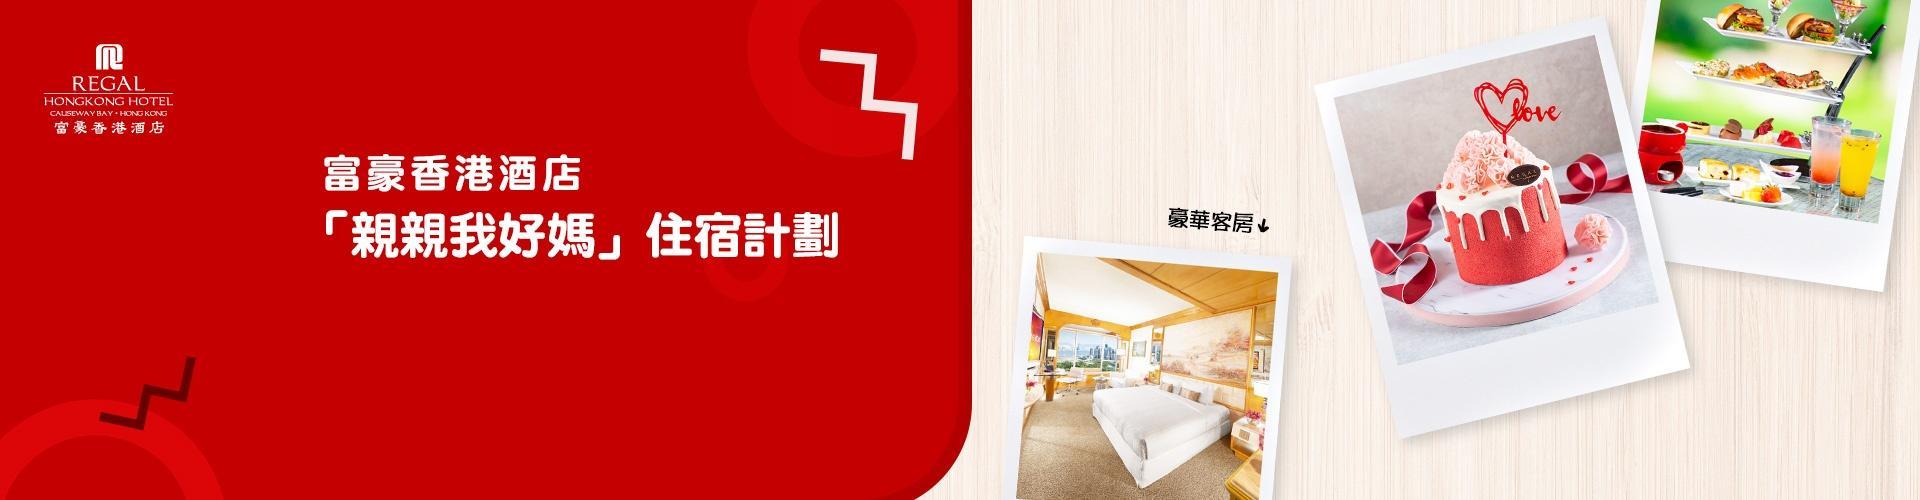 富豪香港酒店「親親我好媽」住宿計劃